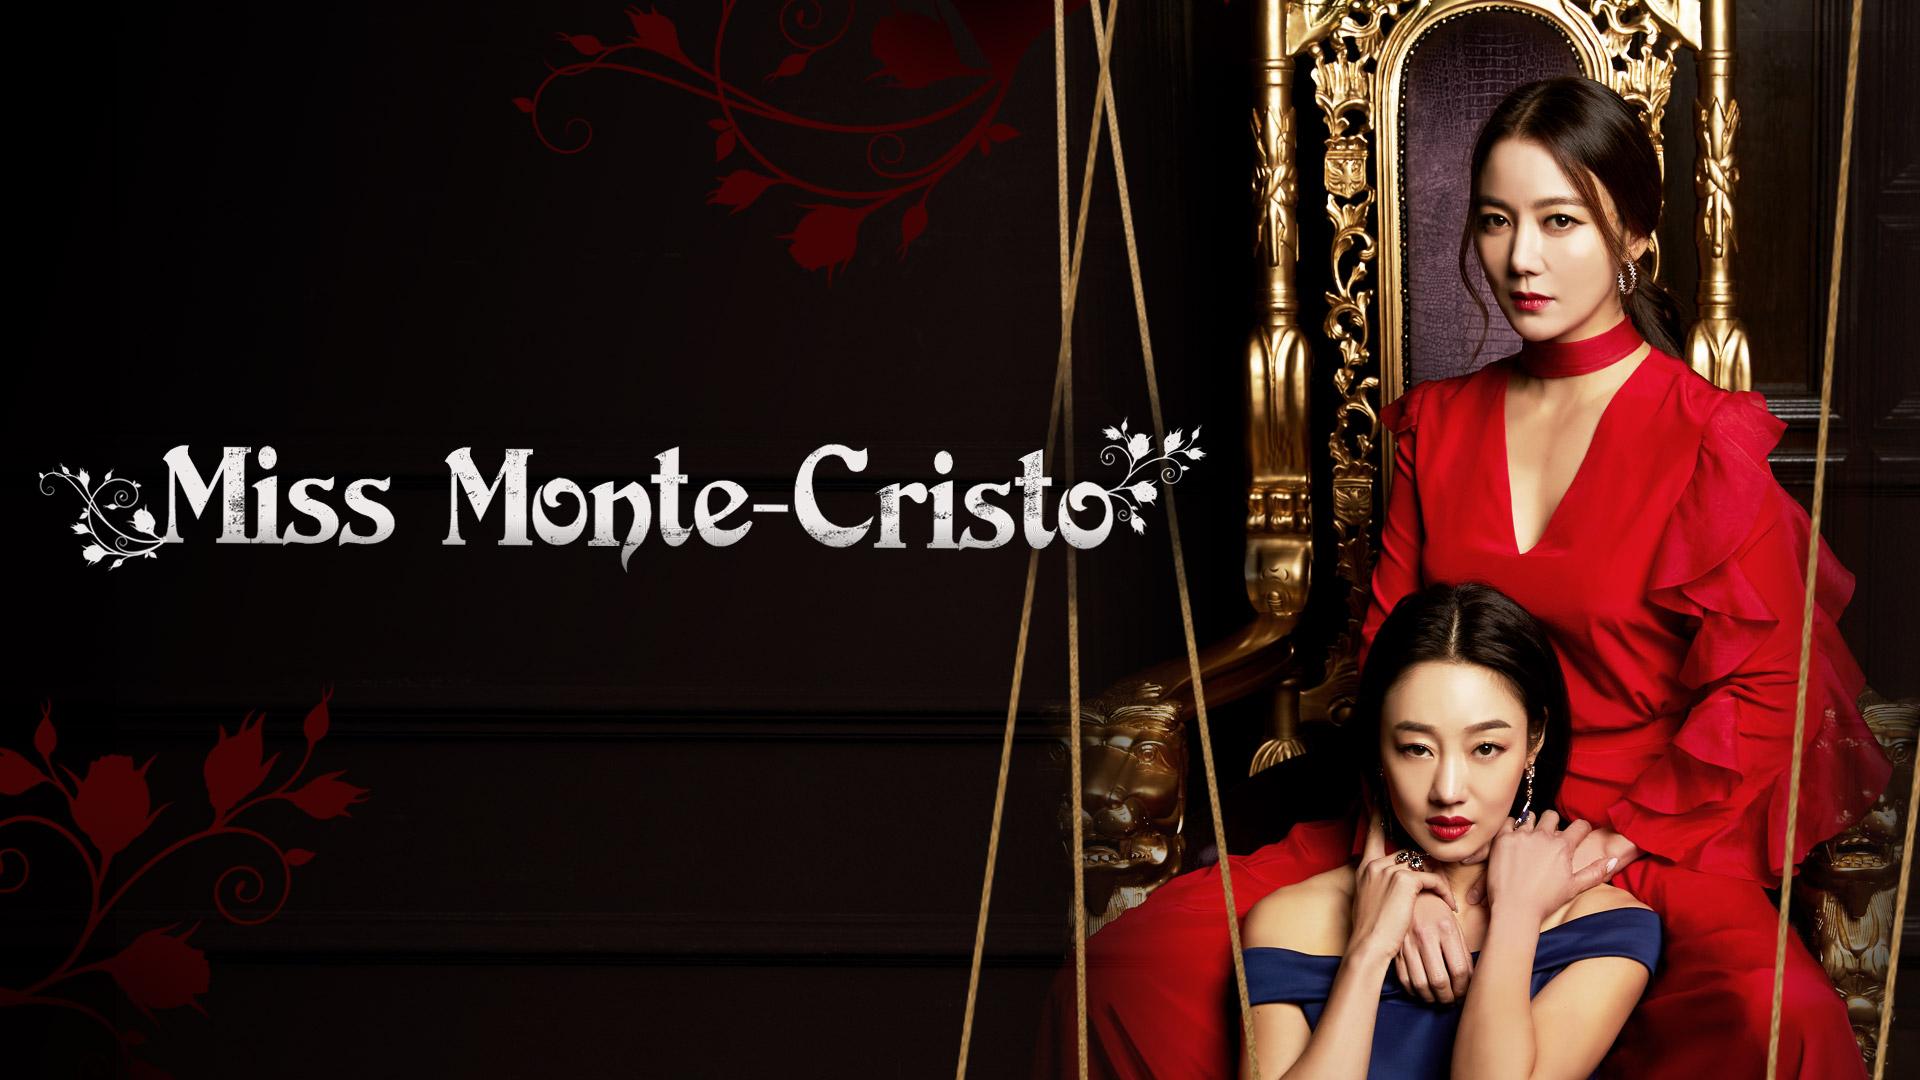 Miss Monte-Cristo